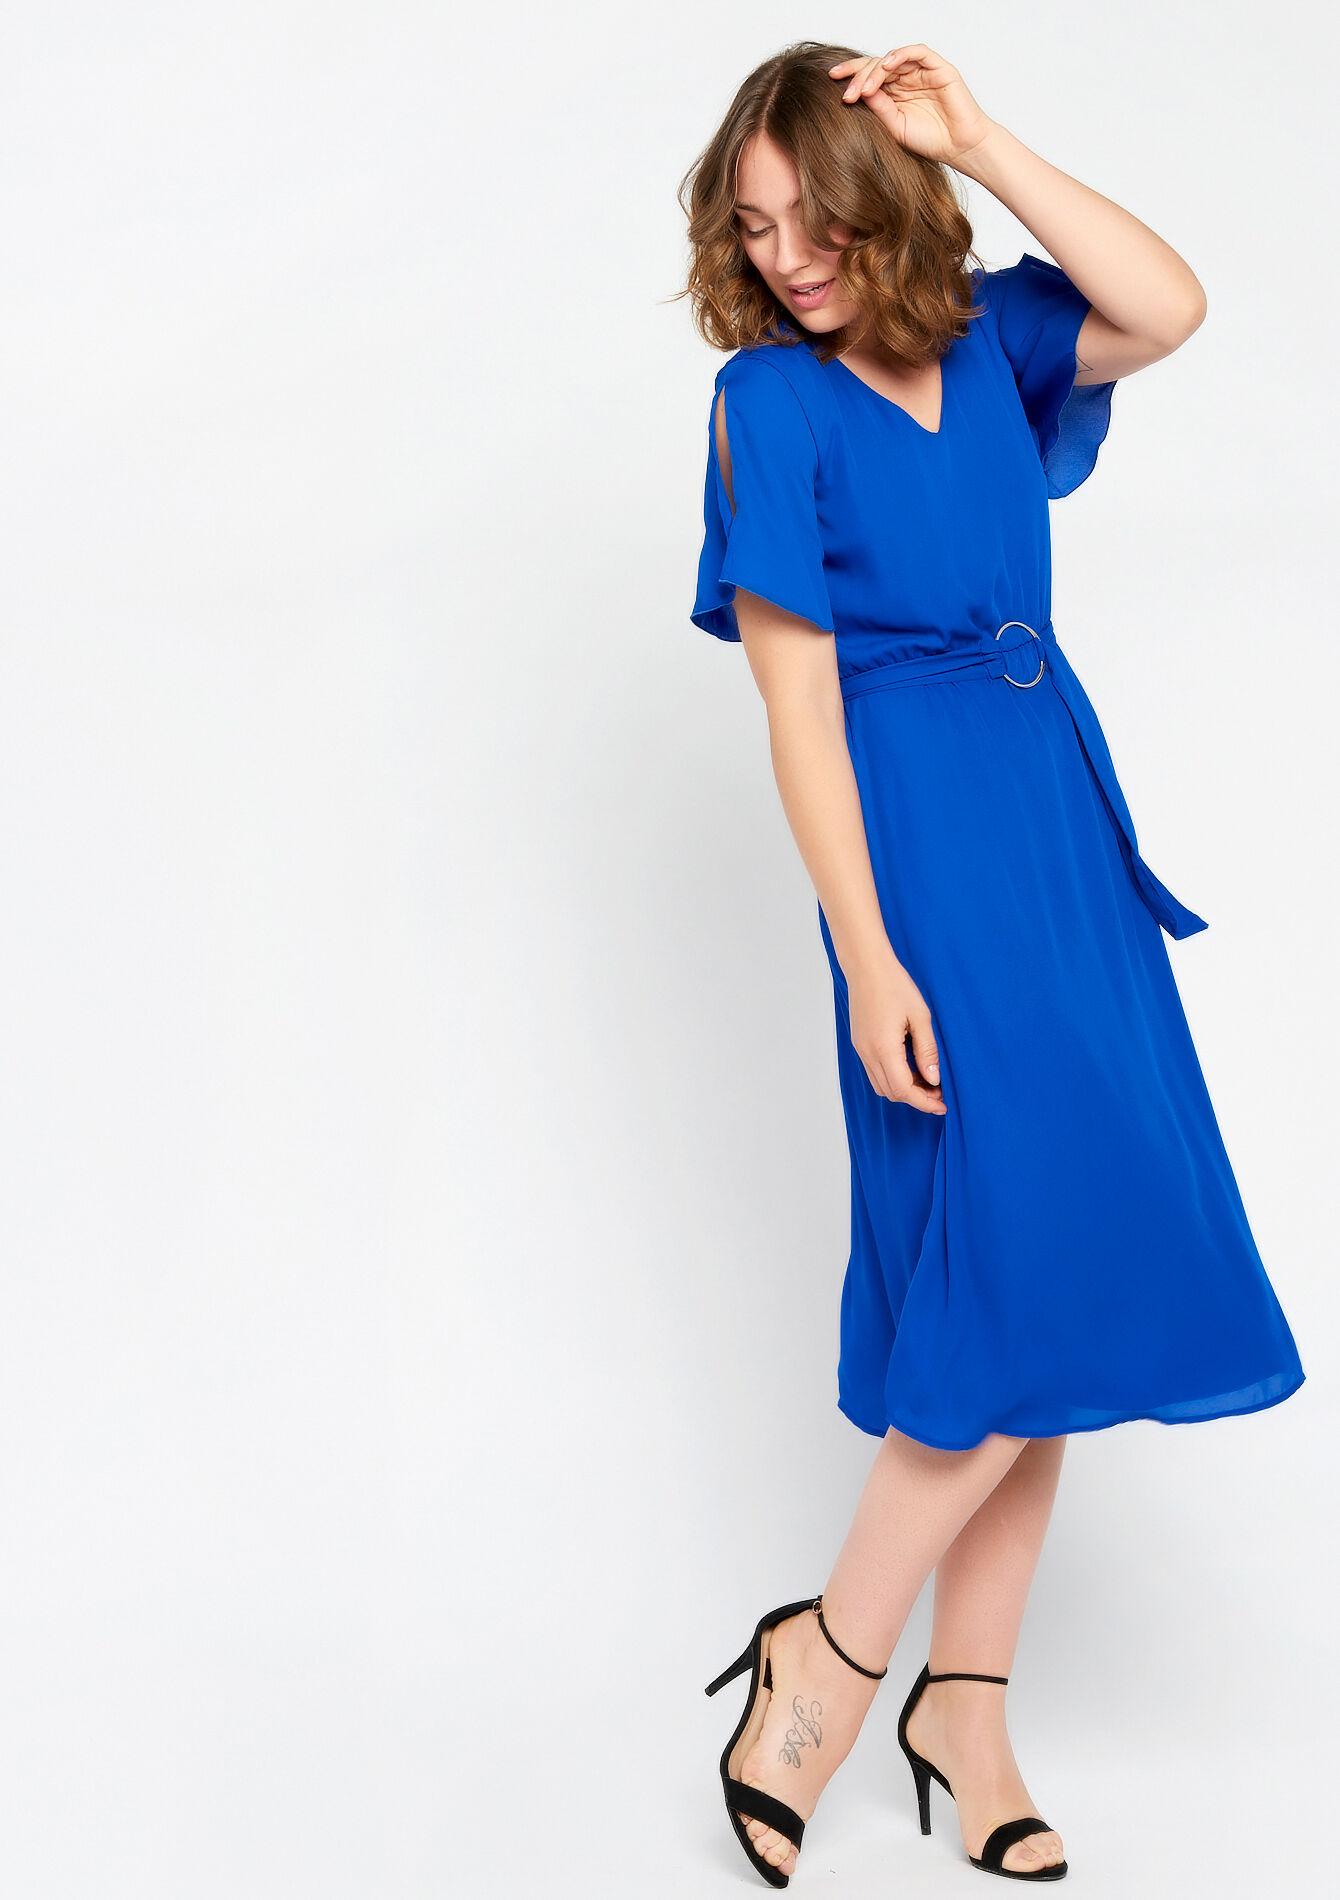 Effen jurk met v-hals - BLUE ELECTRICAL - 08100533_2805